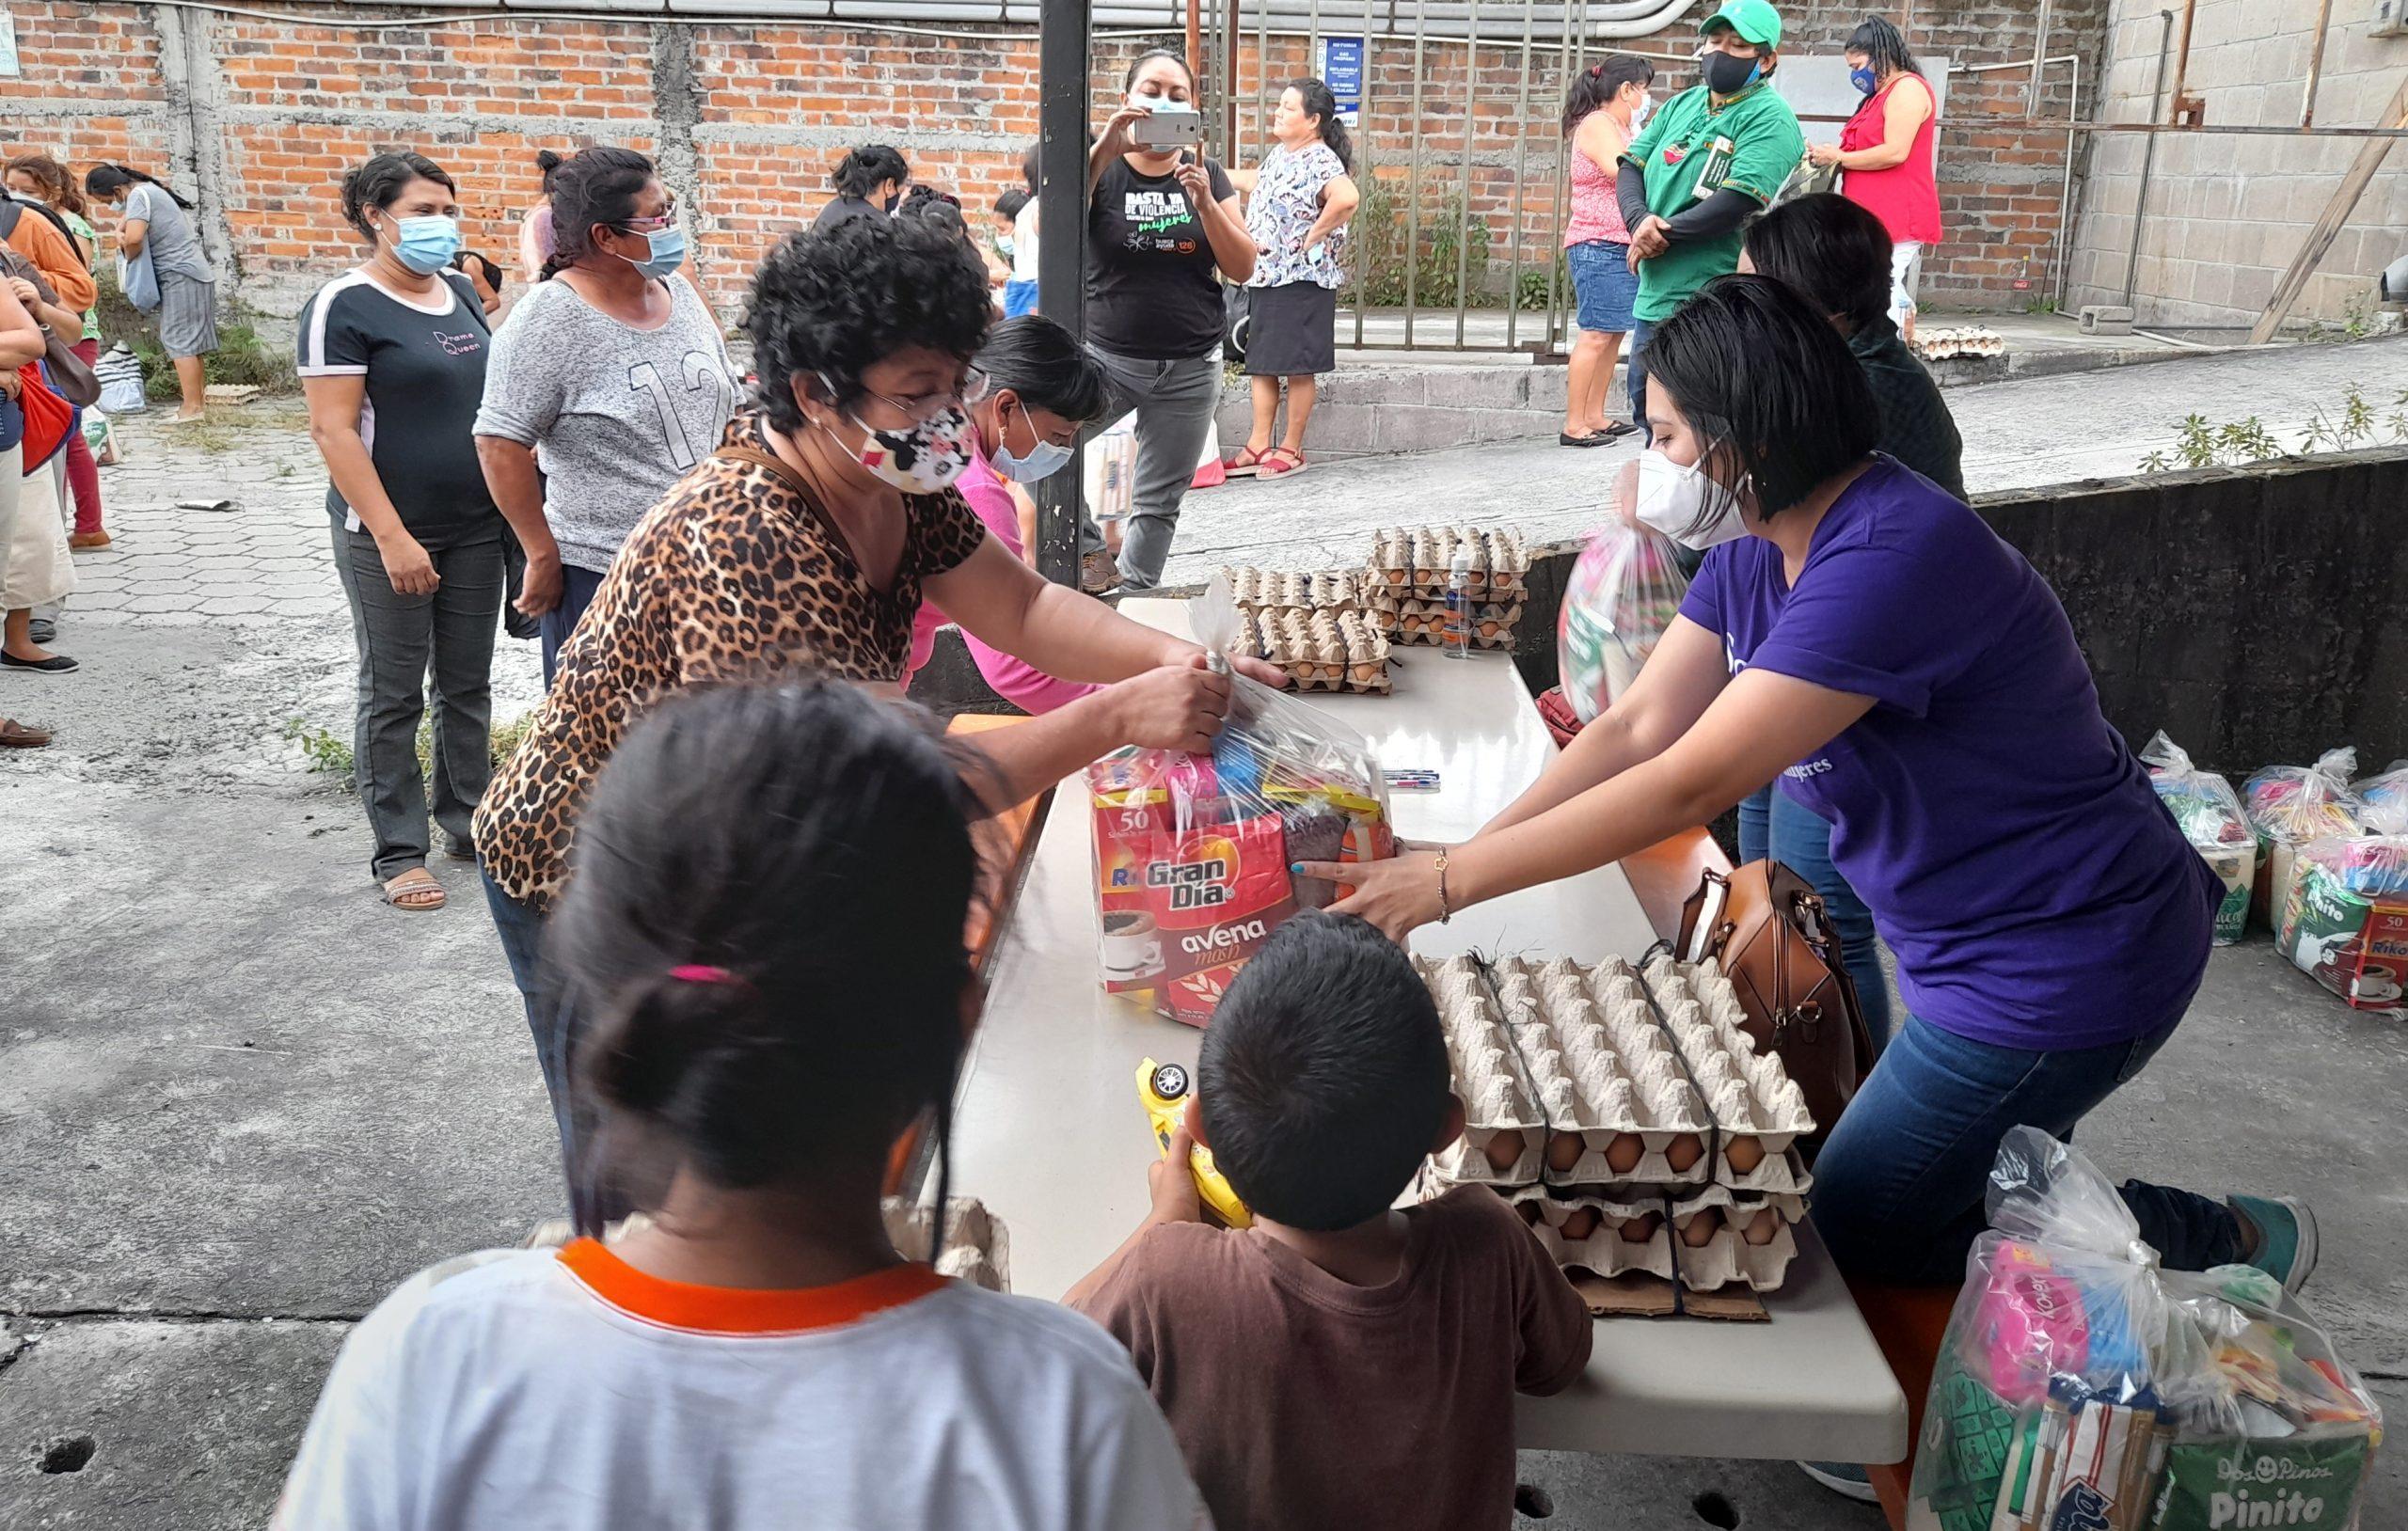 Ormusa entregó canastas básicas alimenticias a 100 mujeres despedidas durante la pandemia